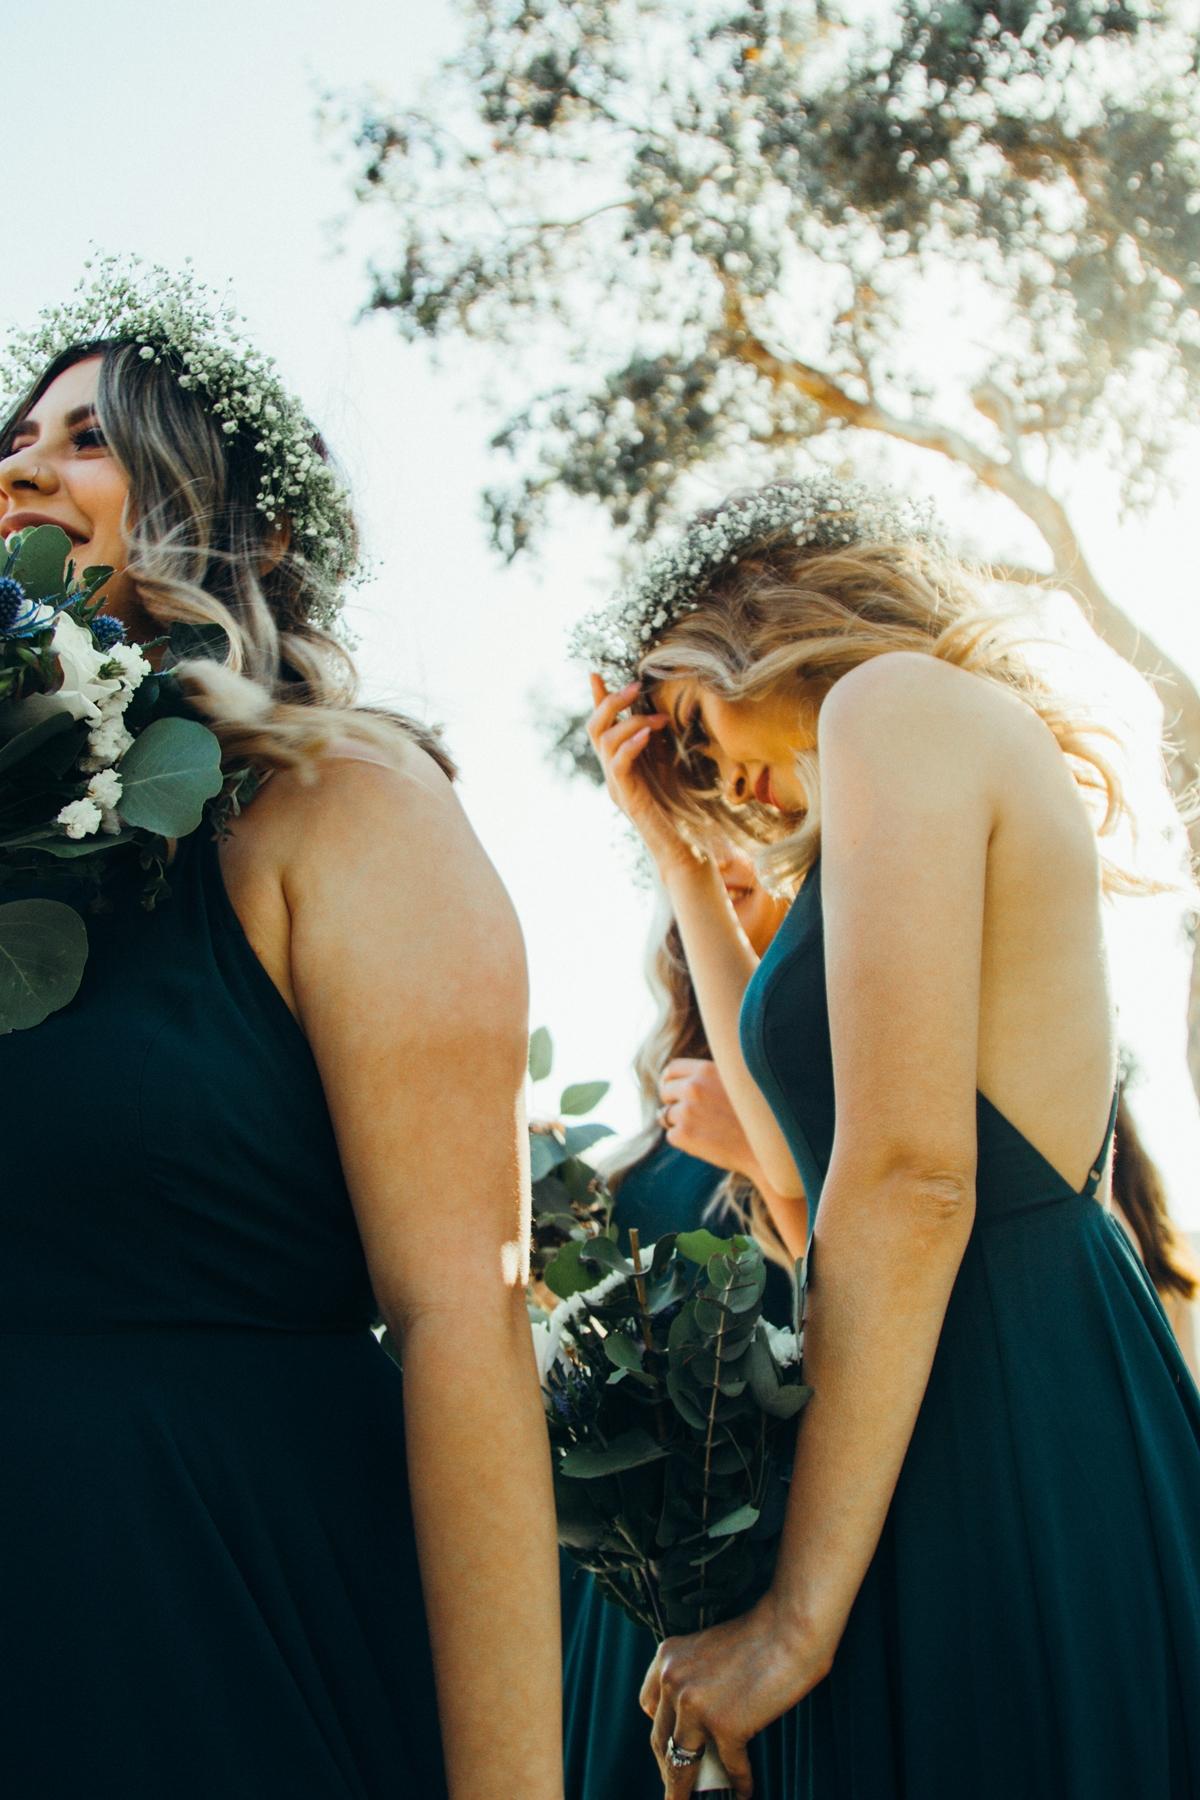 zdjęcia weselne jak robić